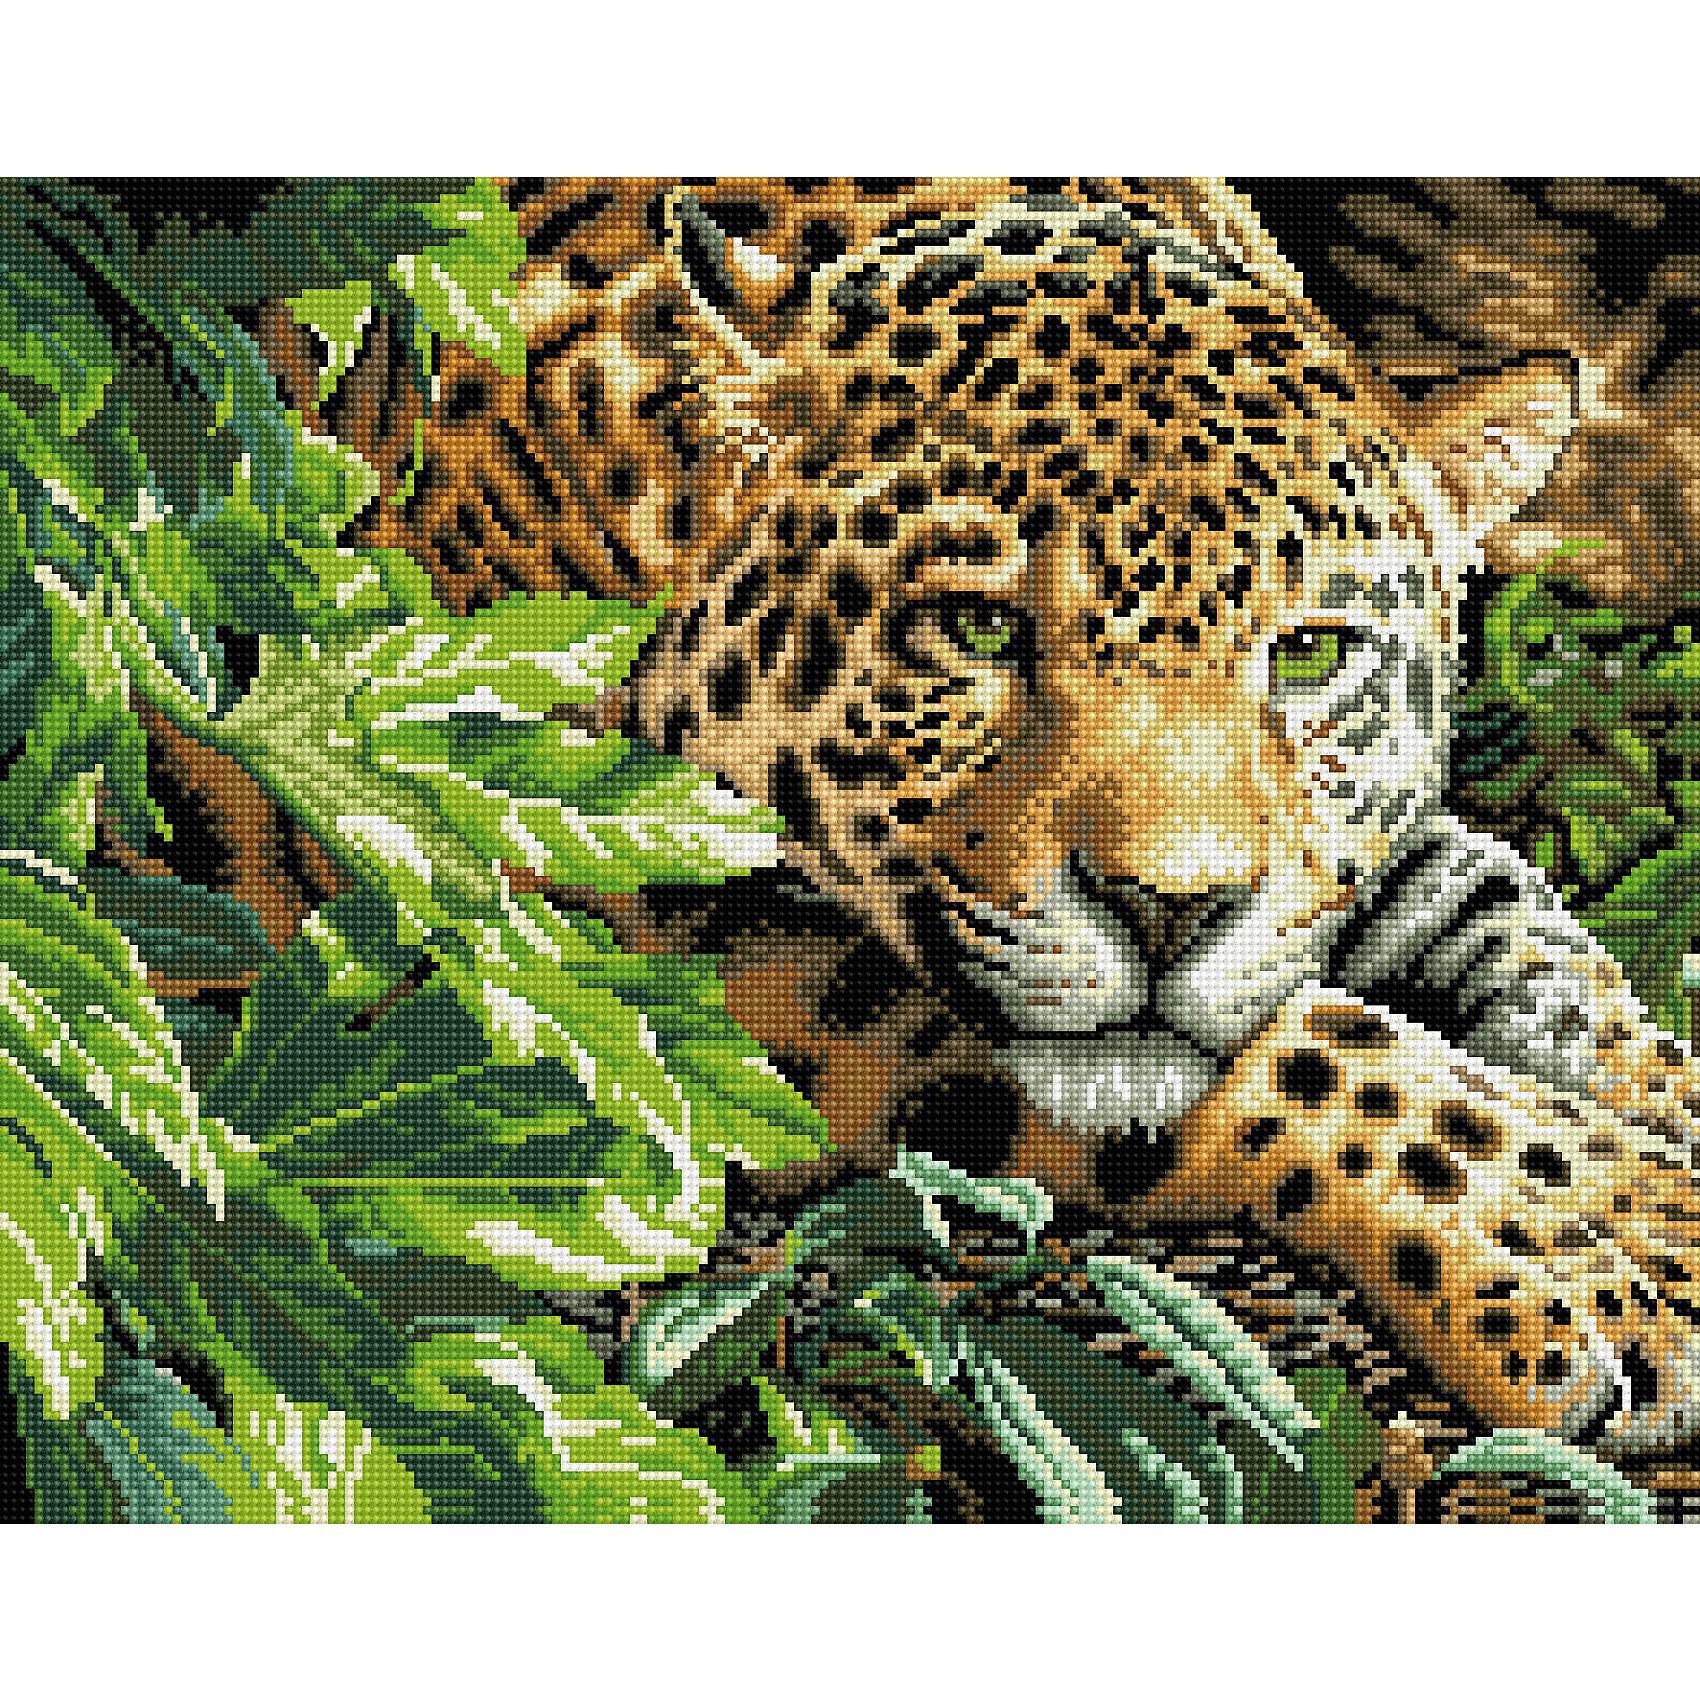 TUKZAR Алмазная мозаика Леопард 40*50 см наборы для поделок цветной алмазная мозаика сидящая балерина